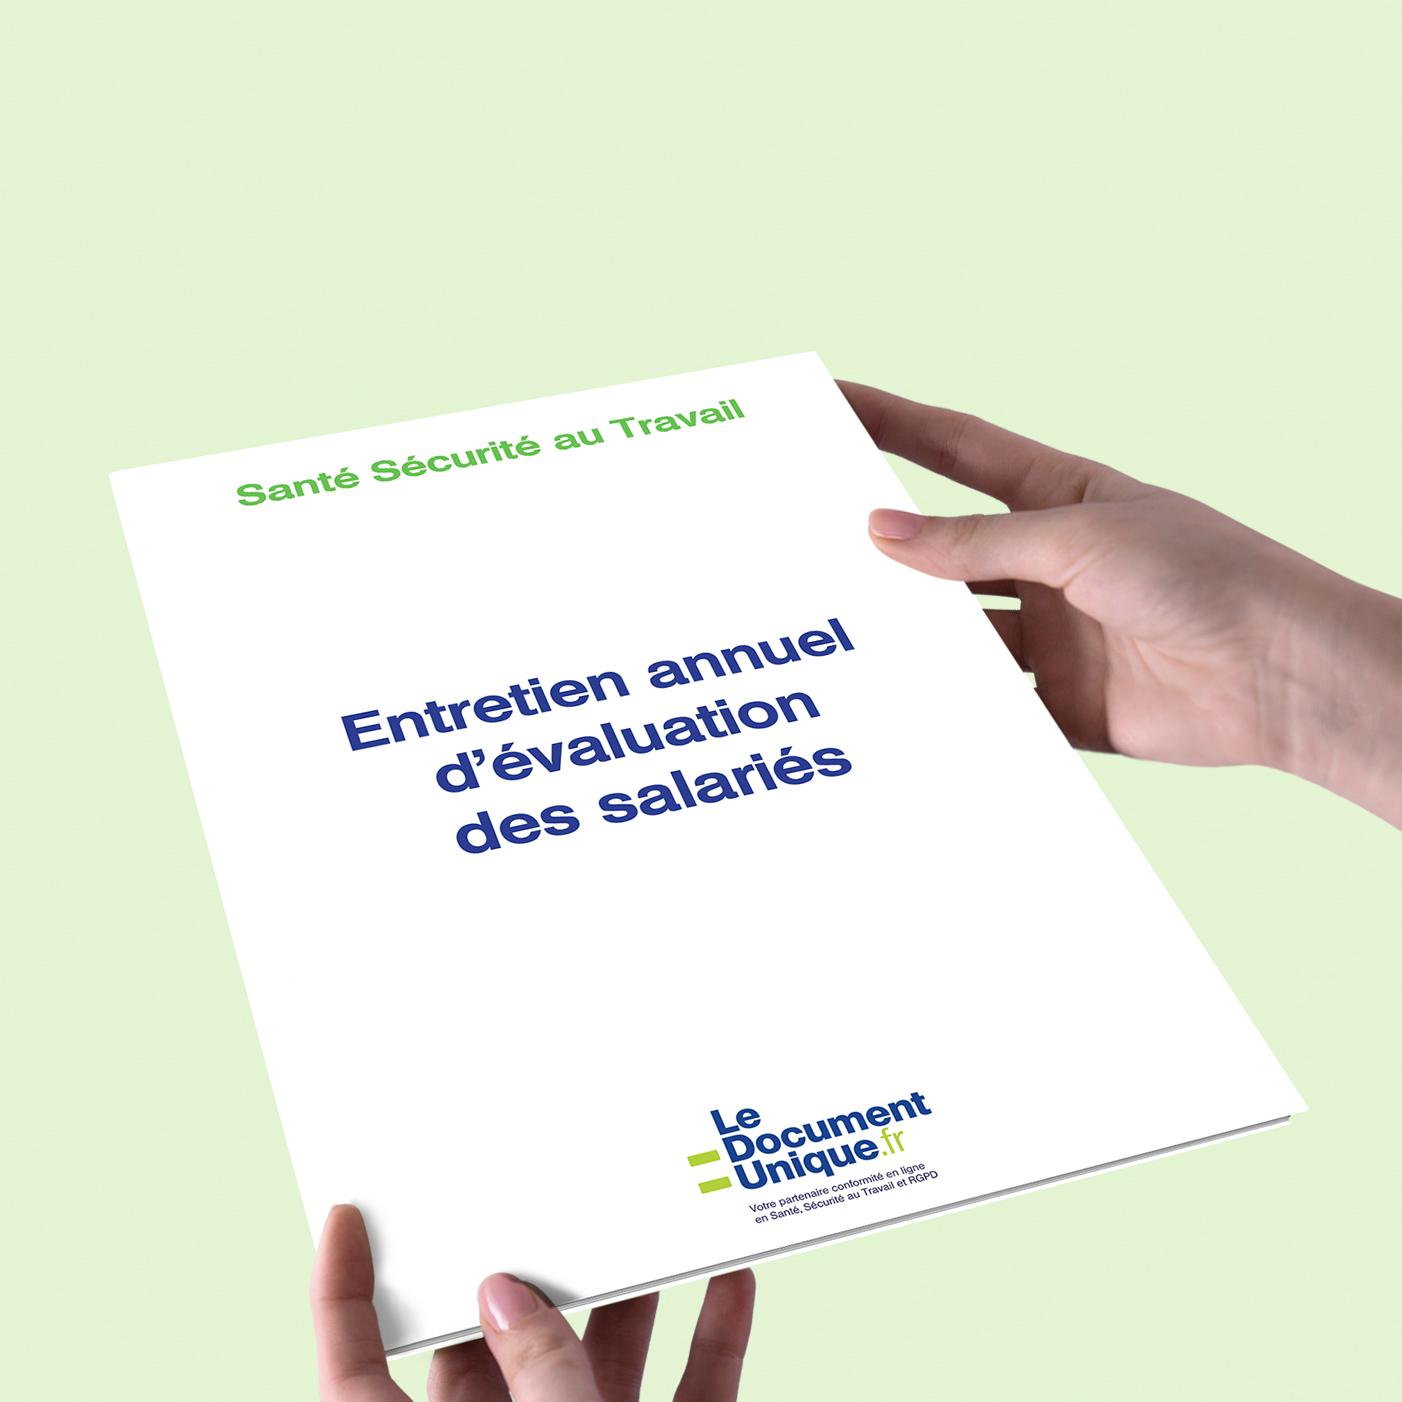 livret entretien annuel d'évaluation des salariés obligation de la santé et sécurité au travail